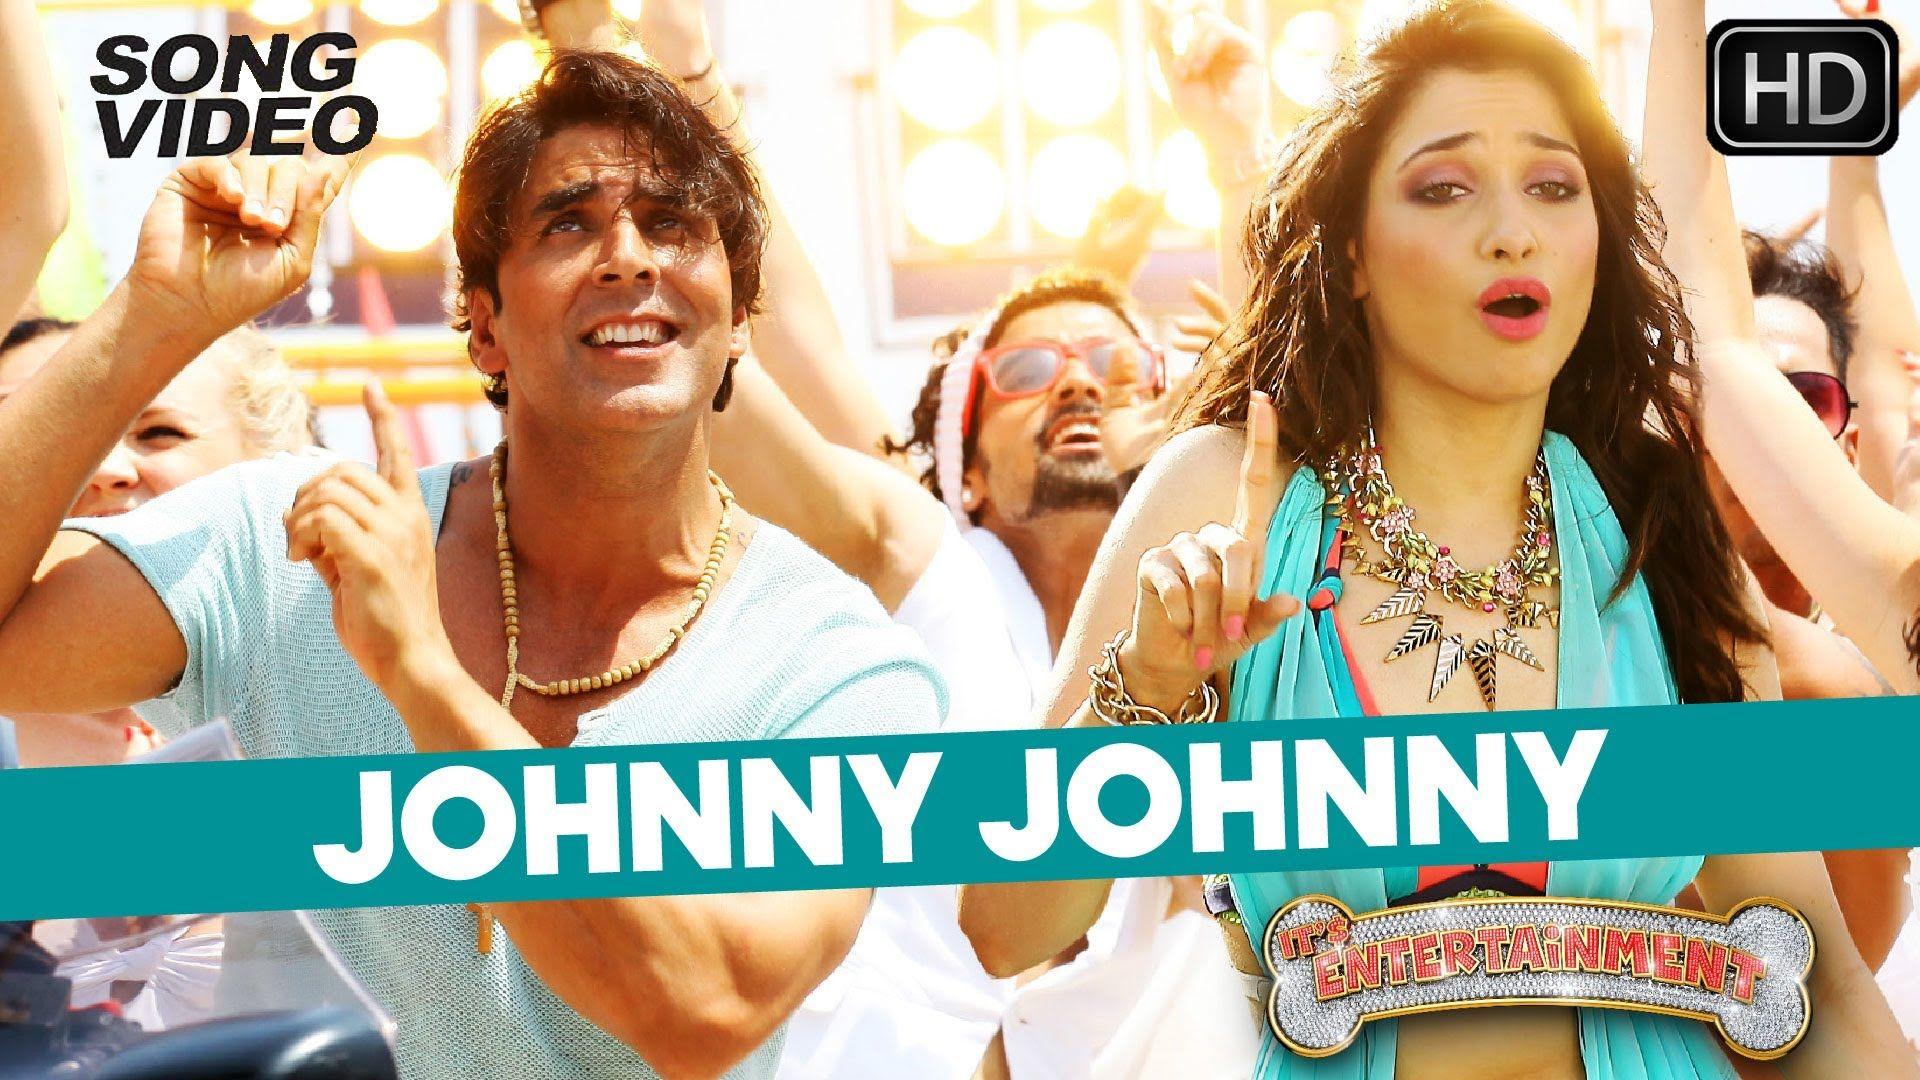 JOHNNY JOHNNY, the classic nursery rhyme gets a Bollywood